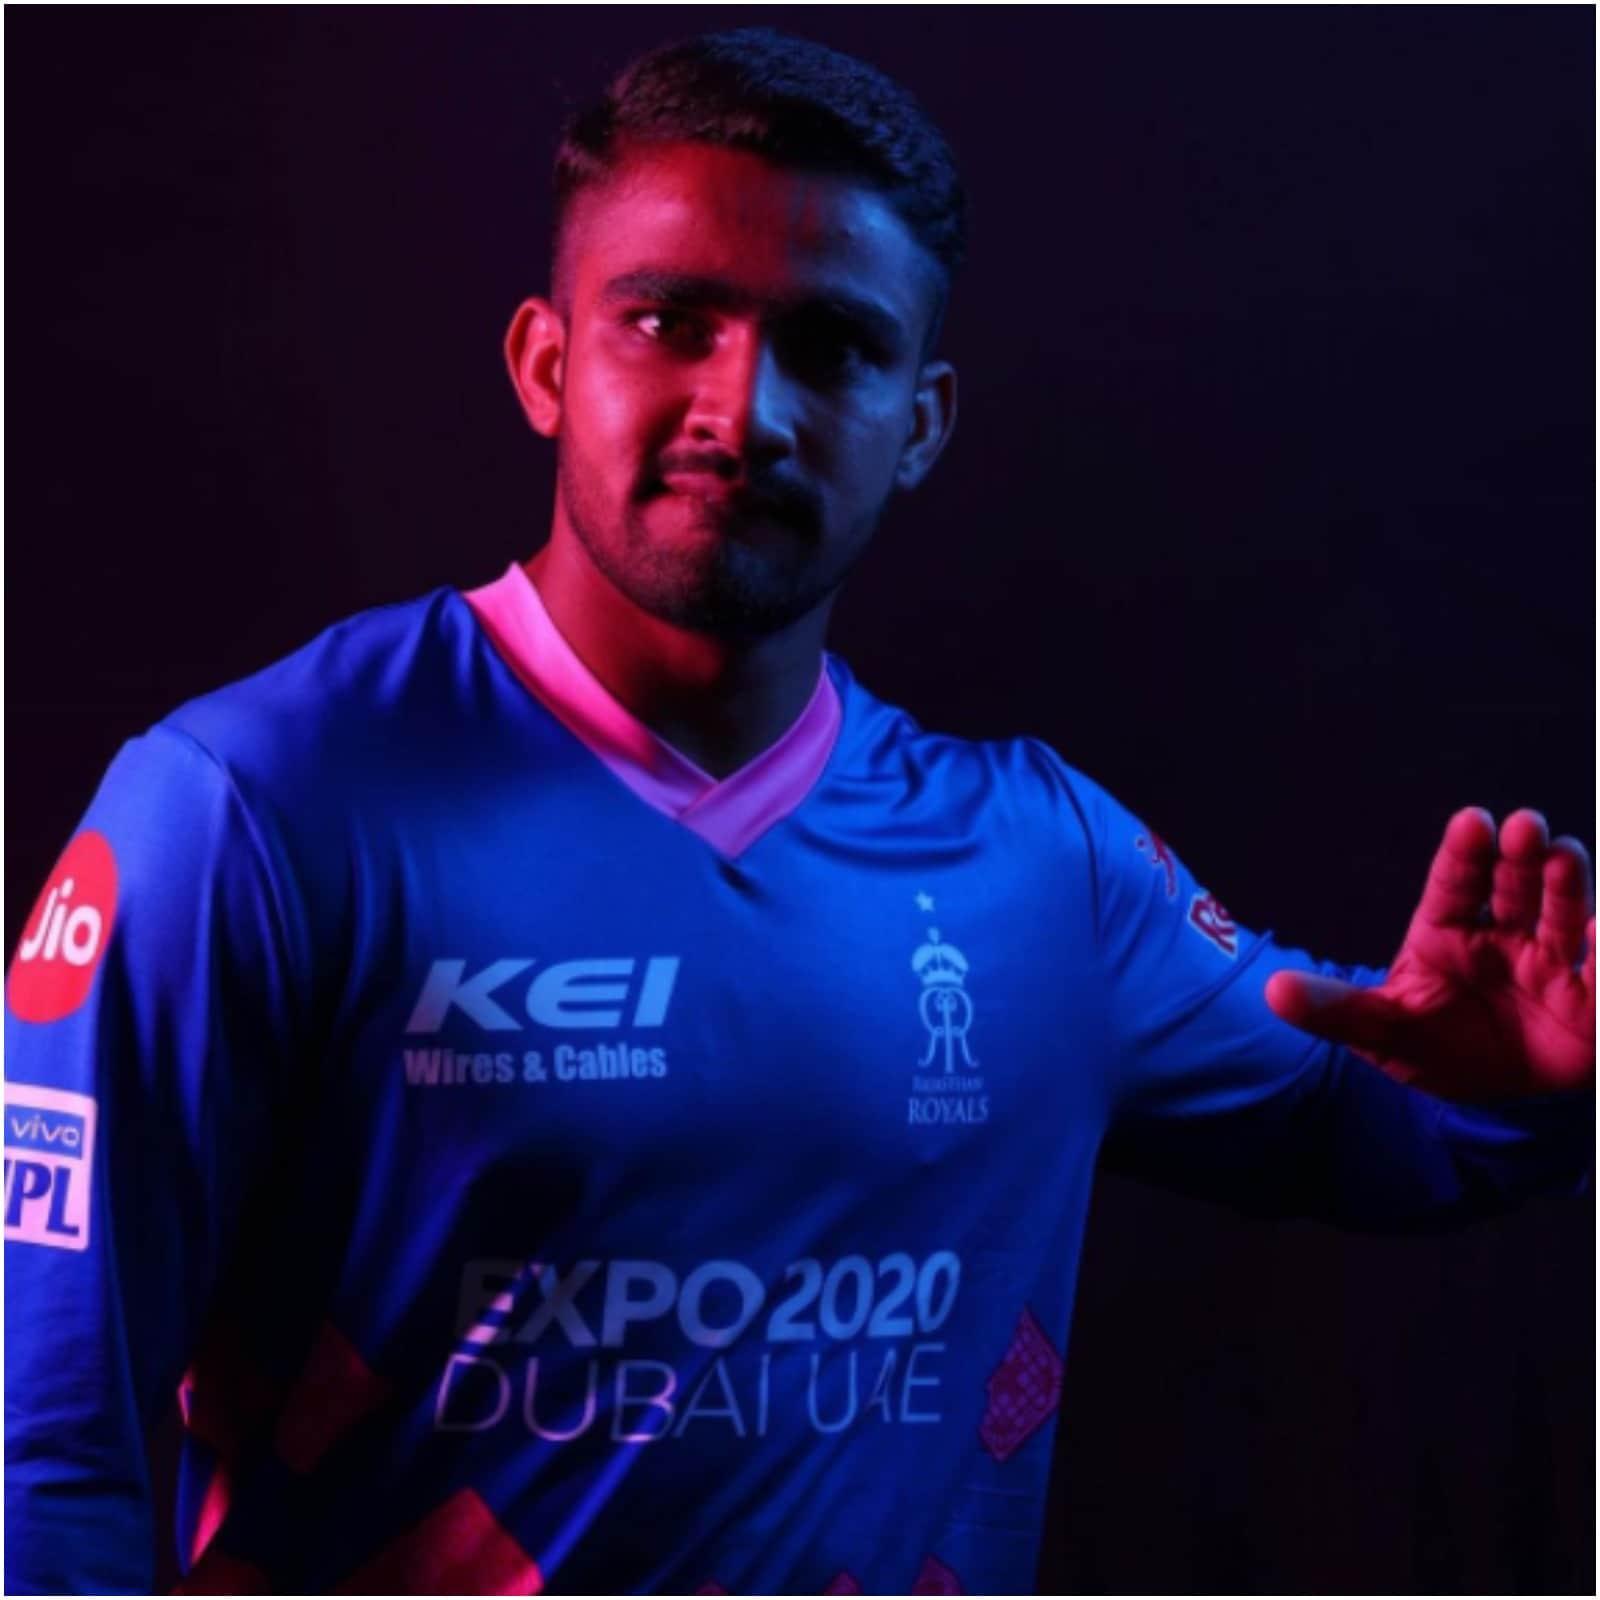 महिपाल लोमरोर ने बेहद ही कम उम्र में घर छोड़ दिया था. दरअसल जब वो 11 साल के थे तो उनके पिता ने उन्हें नागौर से जयपुर भेज दिया था. नागौर में क्रिकेट की सुविधाएं अच्छी नहीं थी तो कोच के कहने पर लोमरोर के पिता ने उन्हें जयपुर भेज दिया. लोमरोर के साथ उनकी बूढ़ी दादी भी जयपुर शिफ्ट हुईं और उन्होंने अपने पोते को पाला. (फोटो साभार-mahipal_lomror)